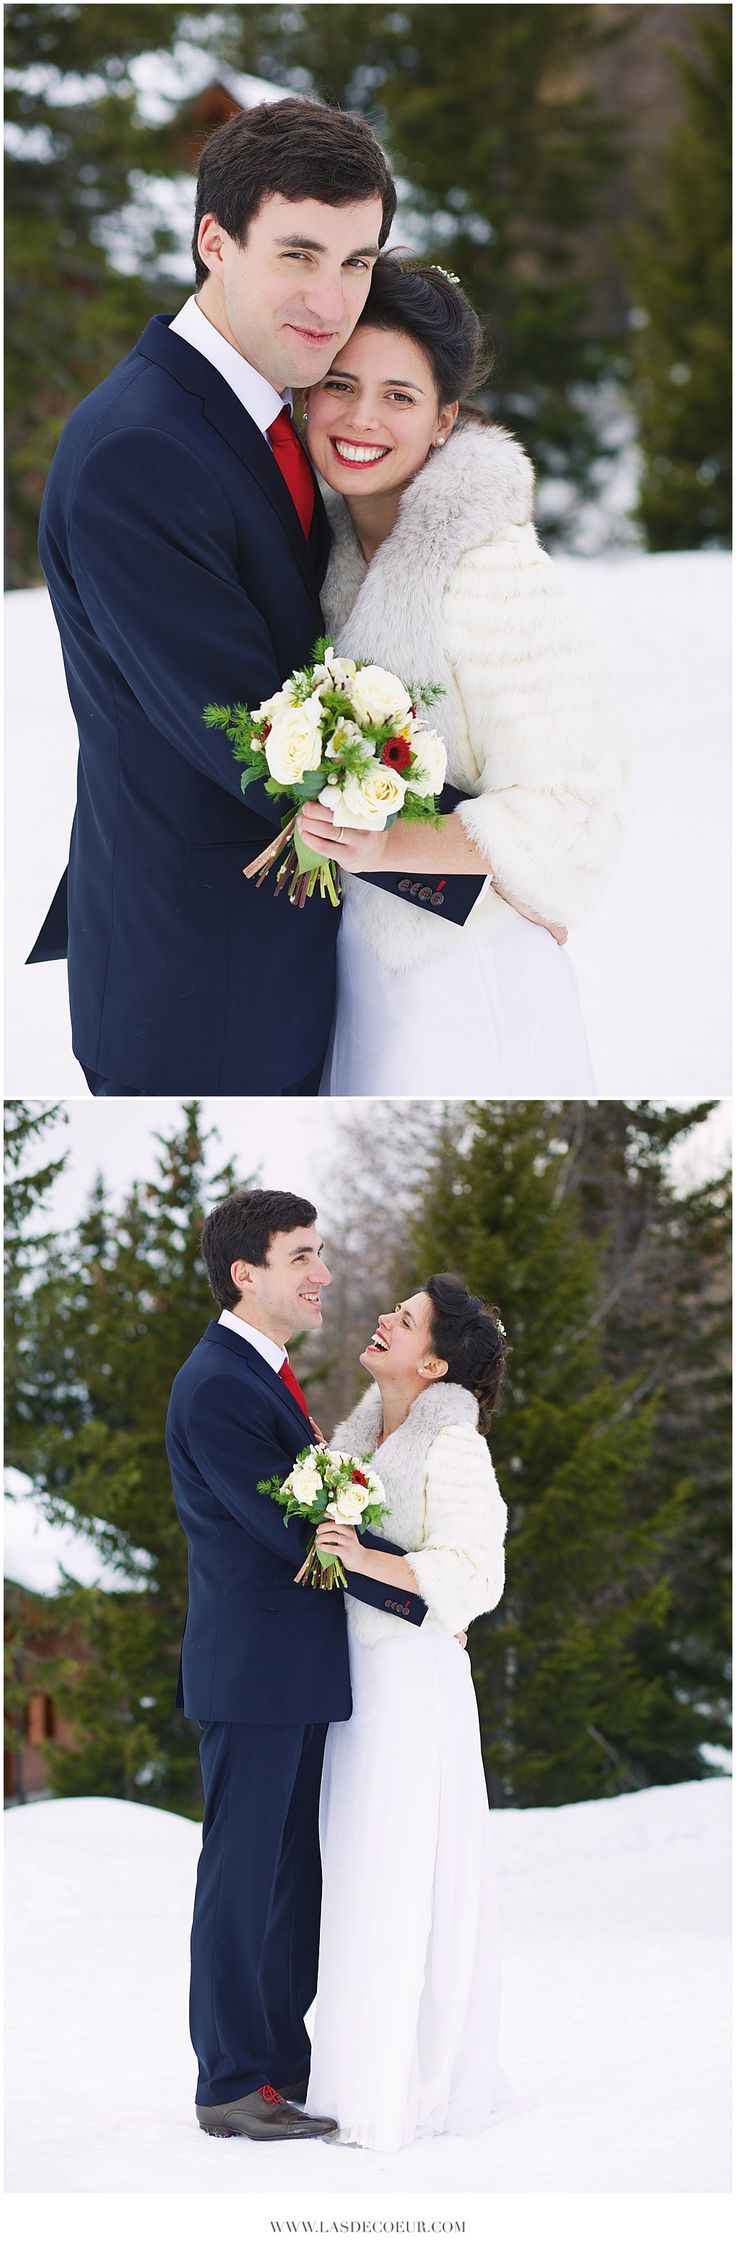 Mariage d'hiver à la montagne - Mariage sous la neige par L'As de Coeur Photo + Cinema - www.lasdecoeur.com